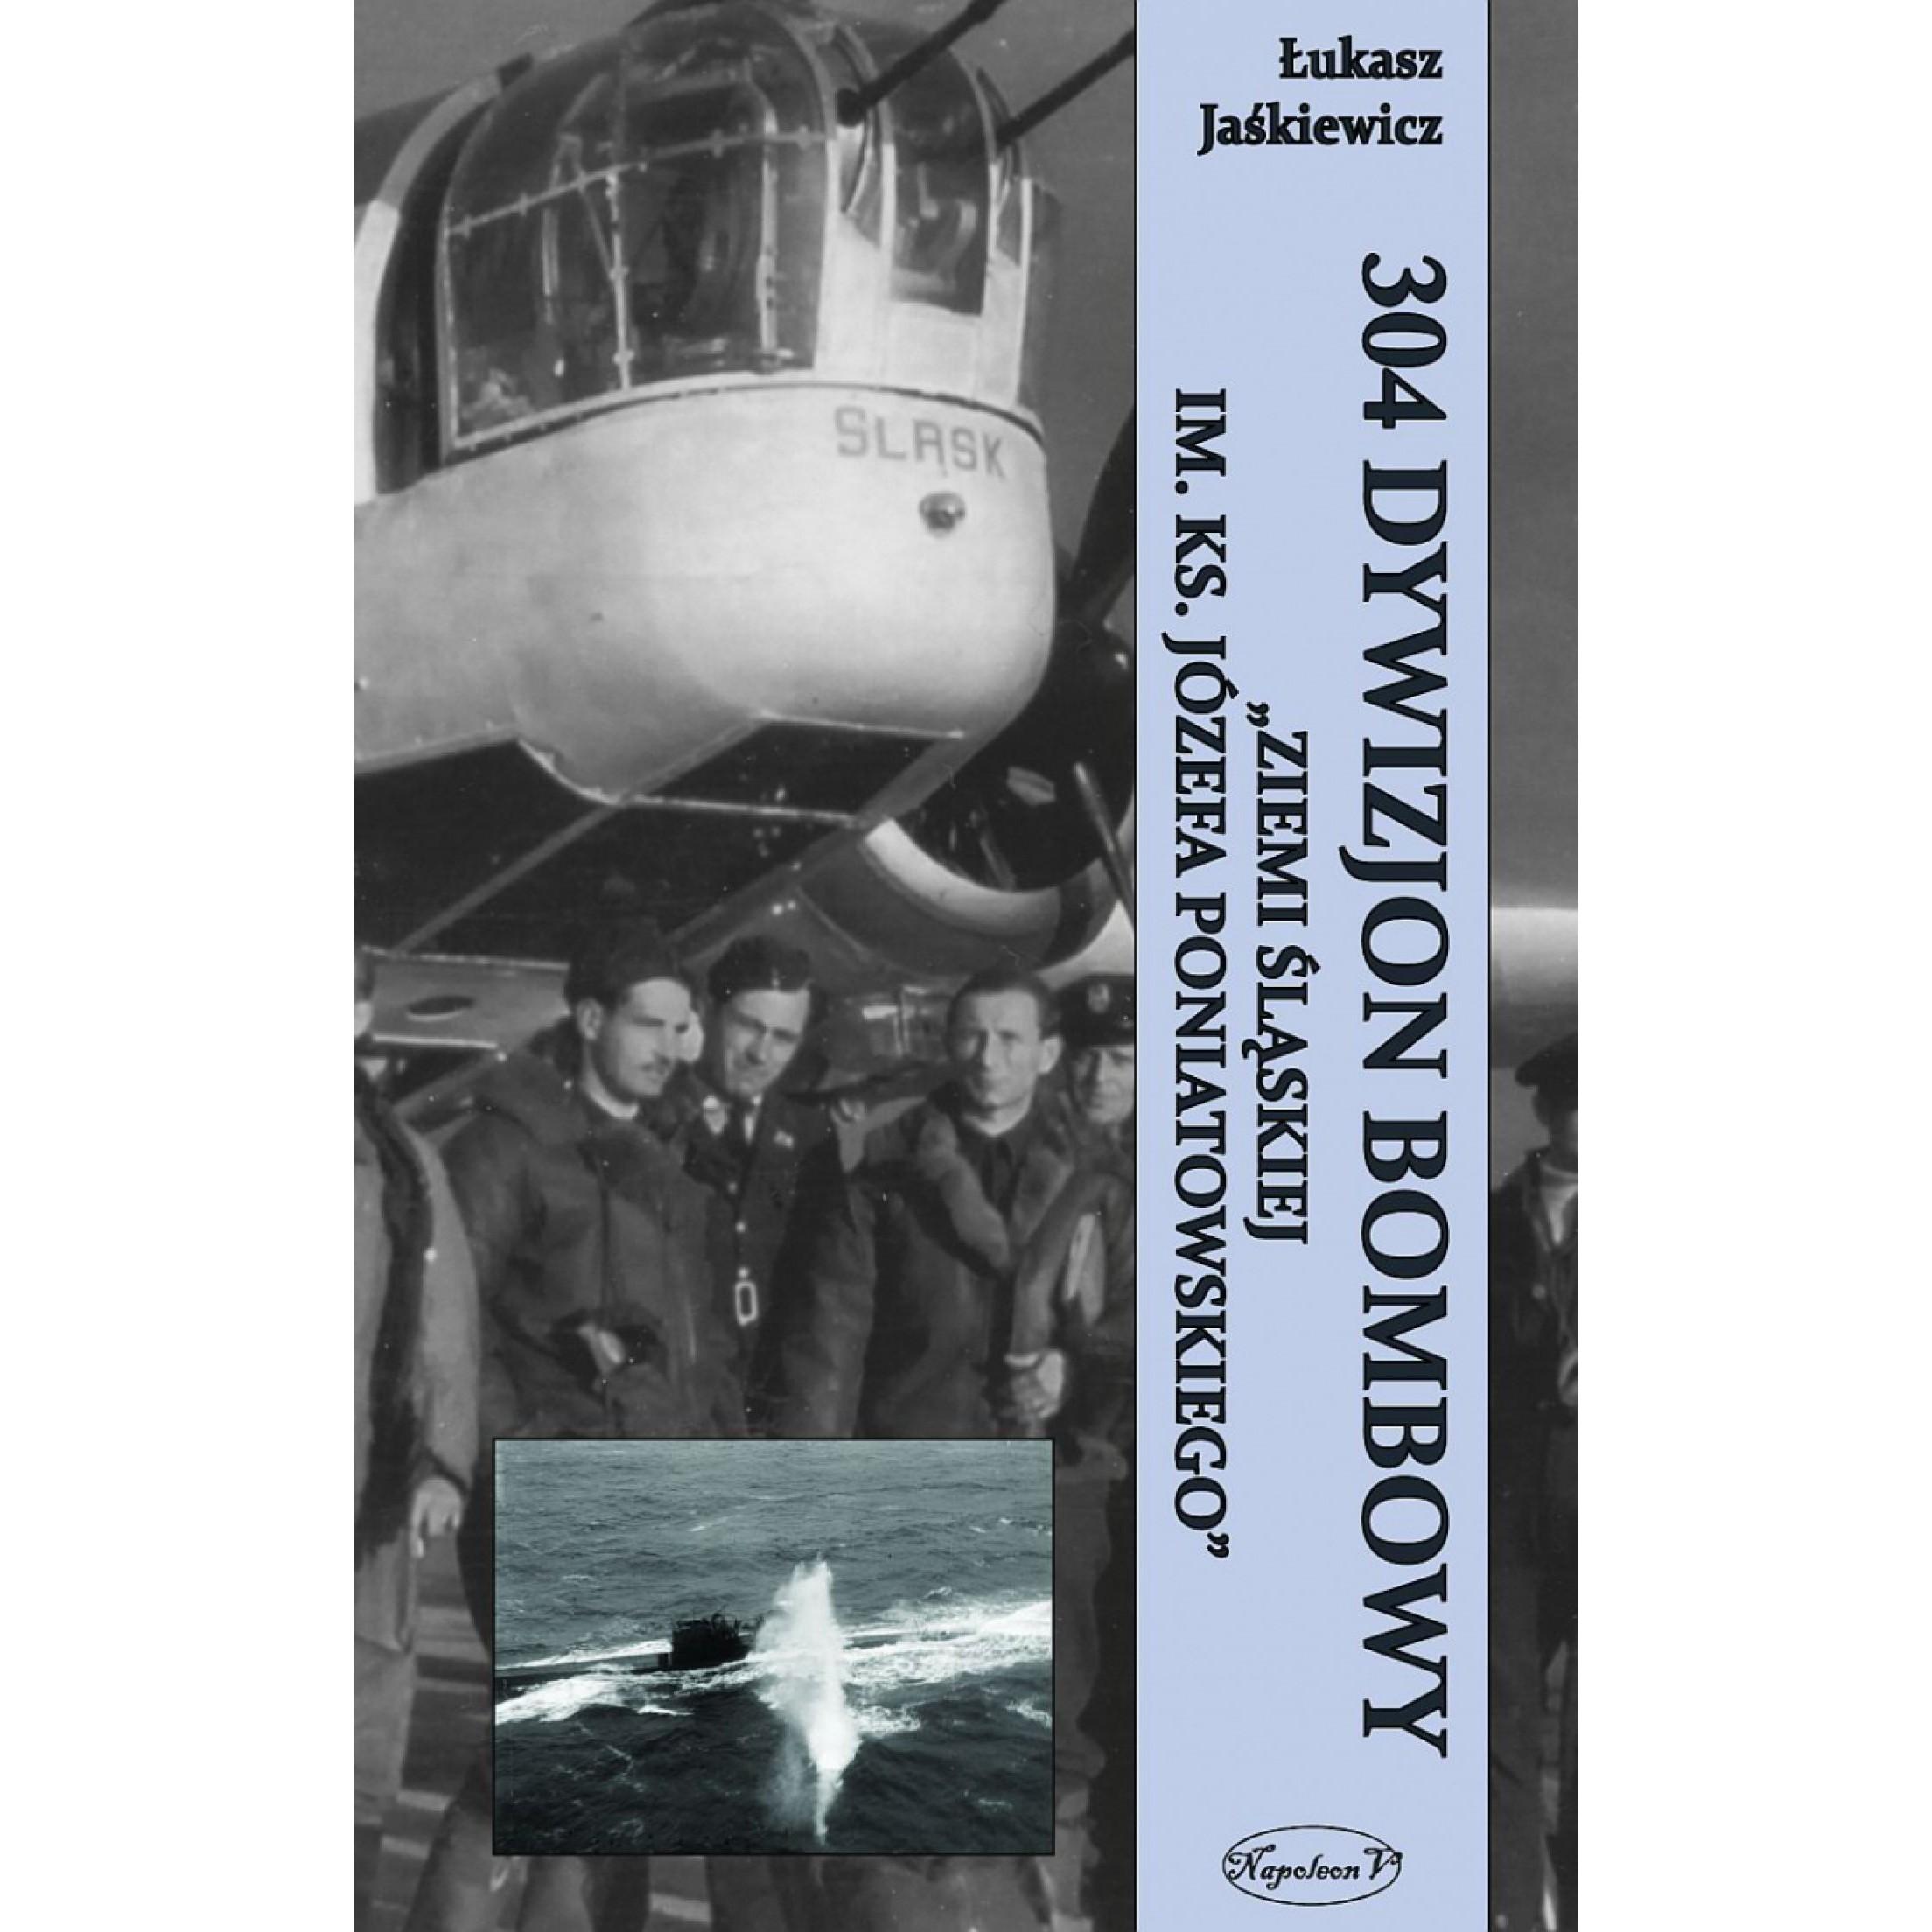 """304 Dywizjon Bombowy """"Ziemi Śląskiej im. Ks. Józefa Poniatowskiego"""" miękka - Outlet"""